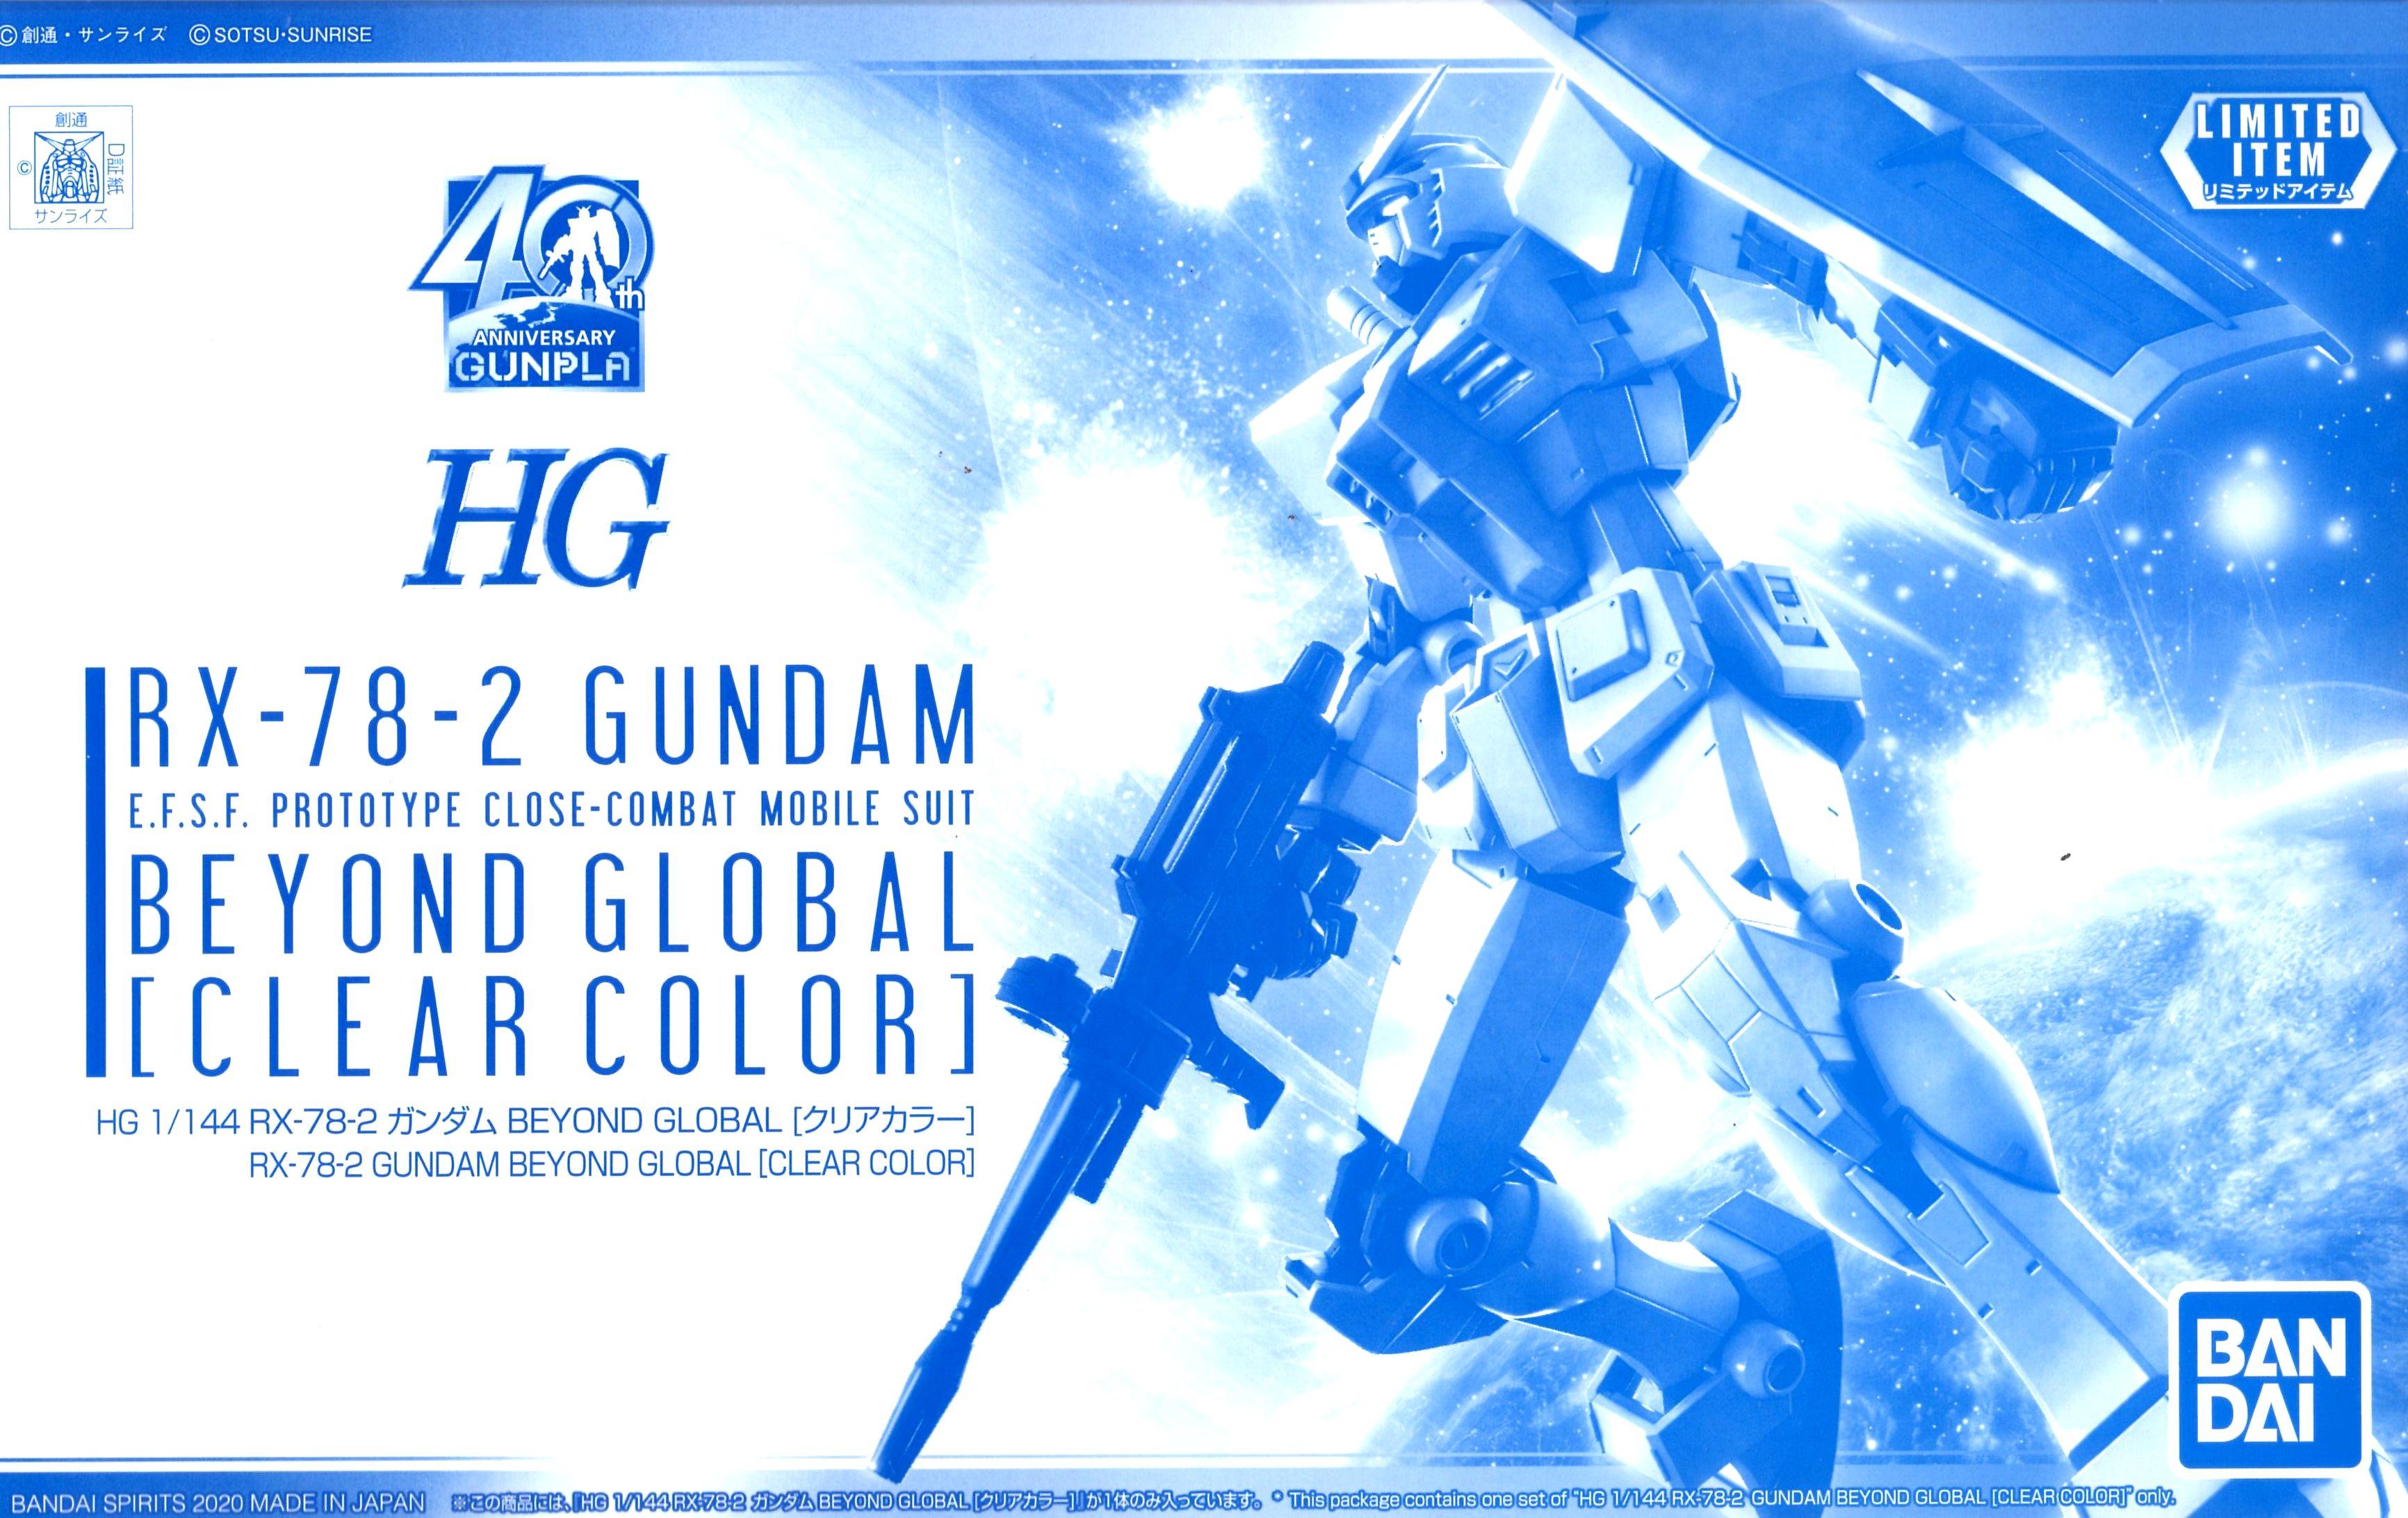 プラモデル・模型, ロボット HG 1144 RX-78-2 BEYOND GLOBAL